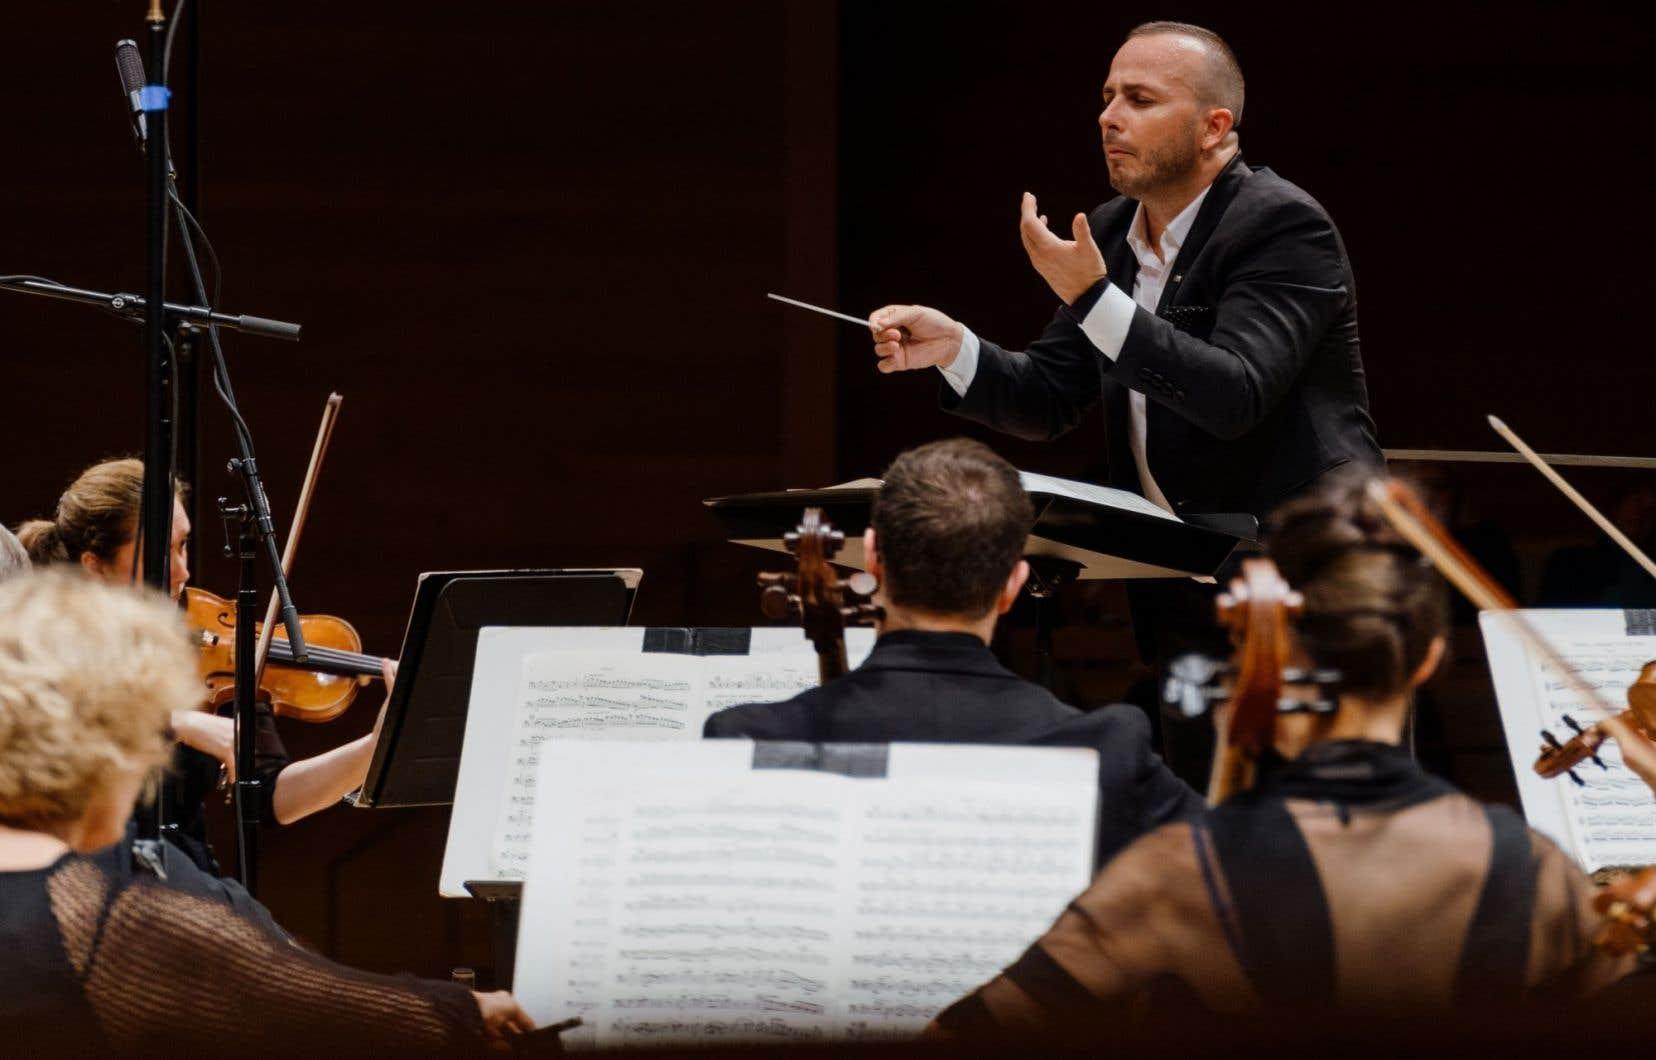 Le chef de l'Orchestre métropolitain du Grand Montréal, Yannick Nézet-Séguin, pendant le 1er mouvement de la «5e symphonie» de Bruckner, jeudi soir.